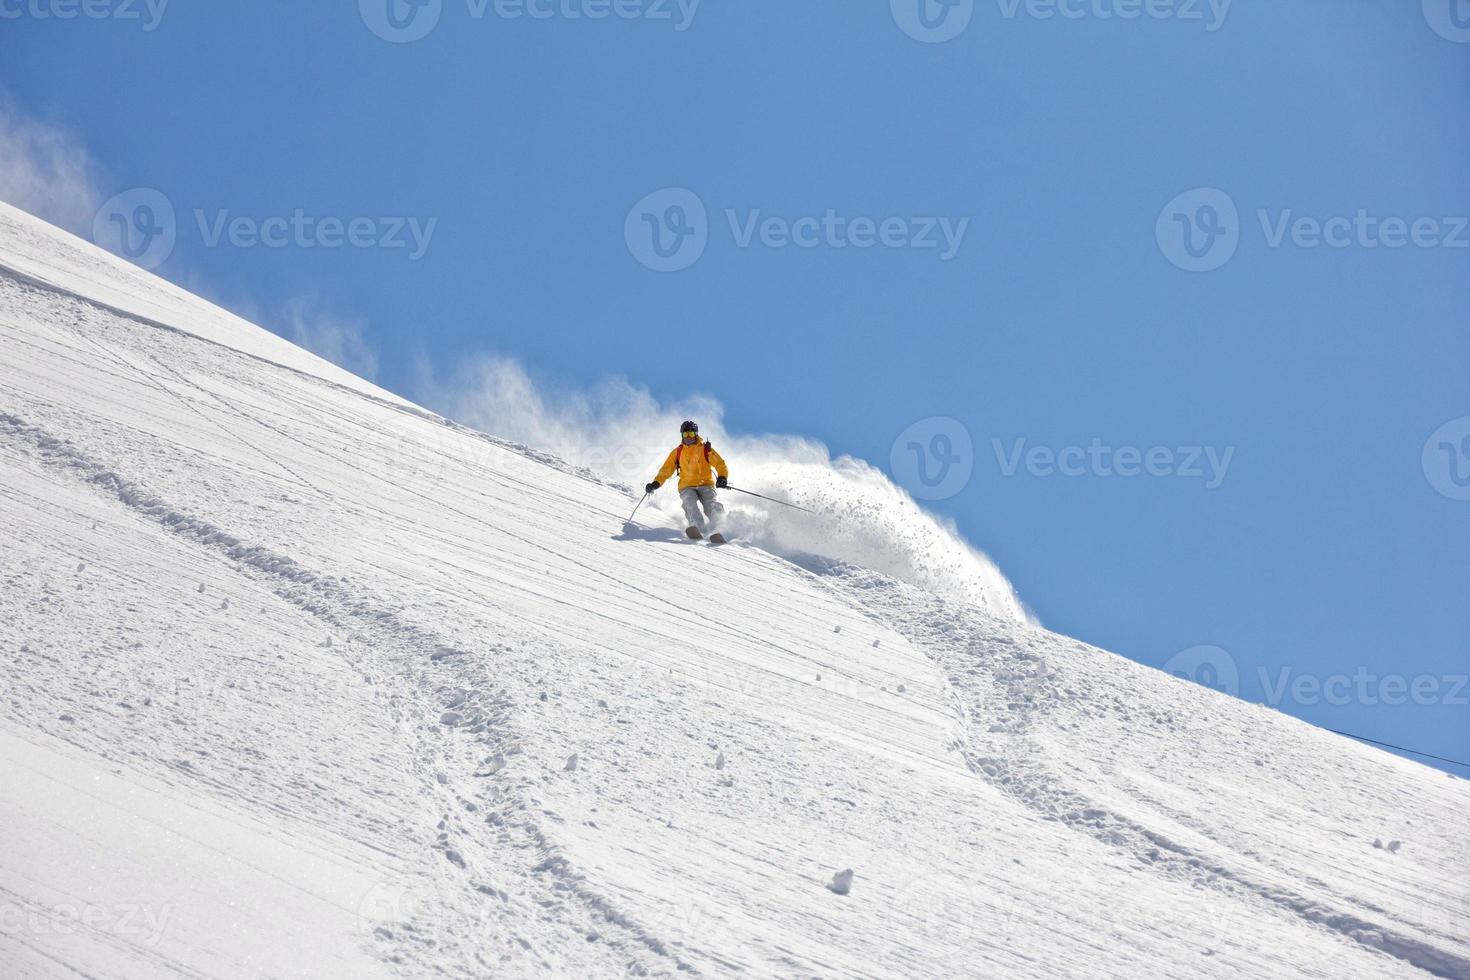 Skifahrer im Tiefschnee, extremer Freeride foto